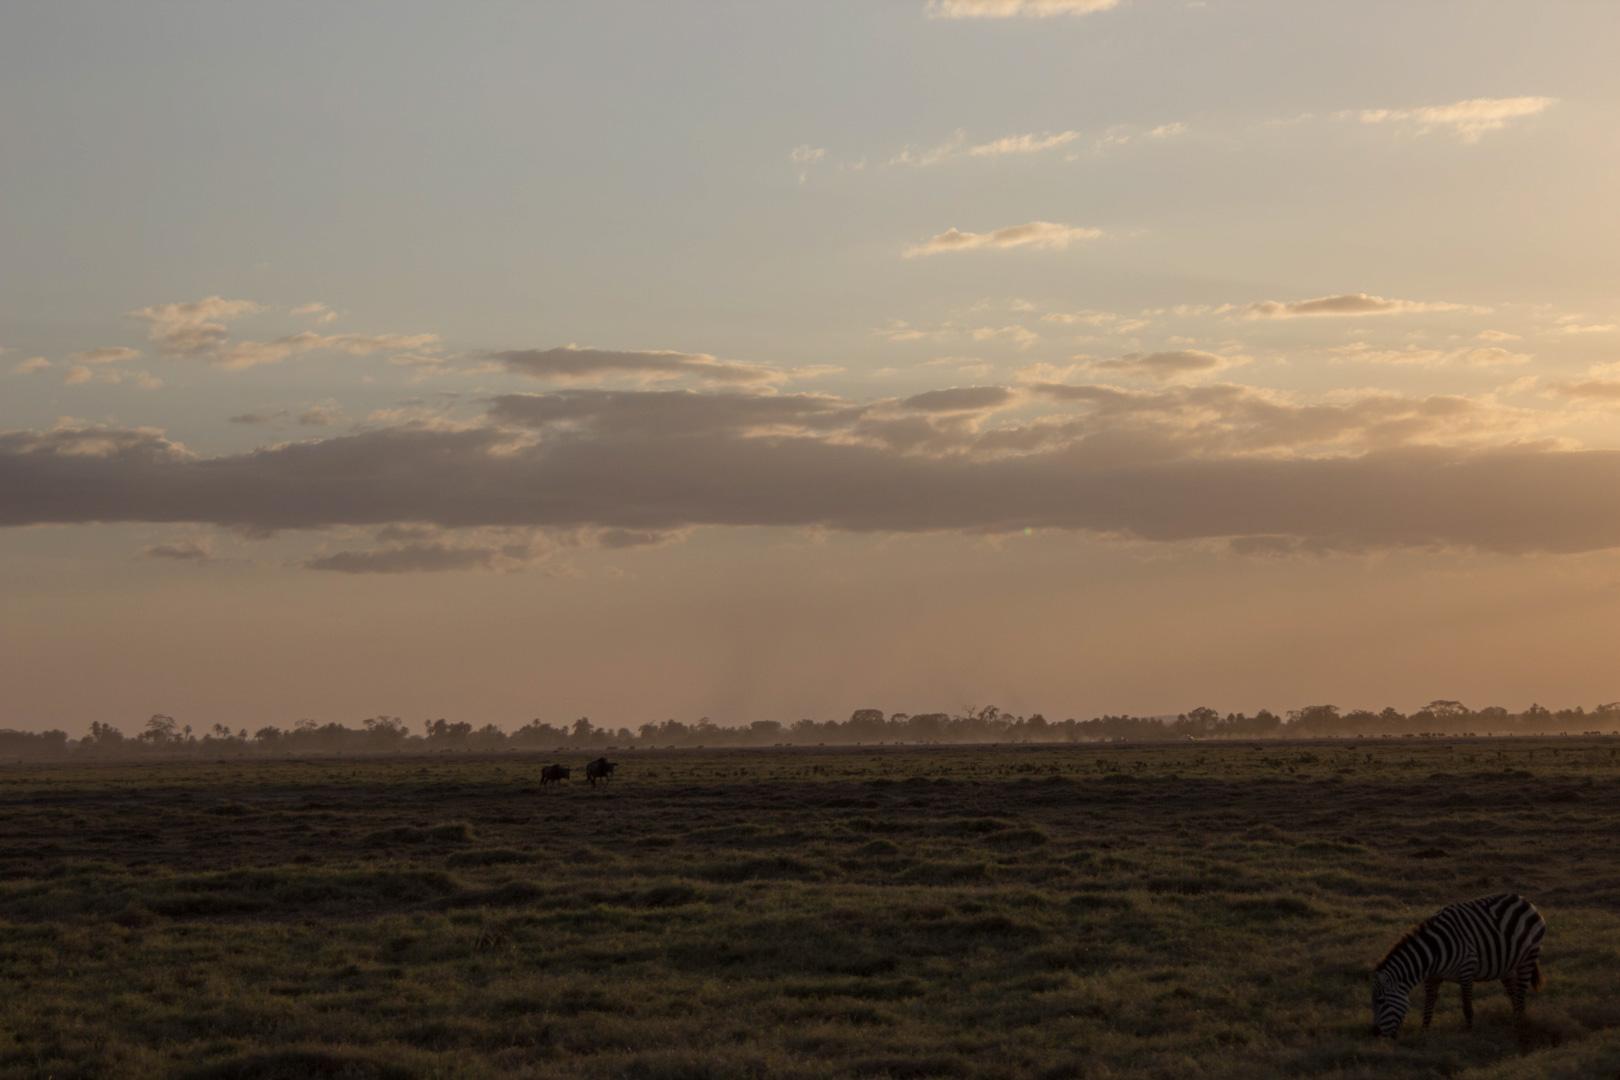 Atardecer en Parque Nacional de Amboseli, Kenia